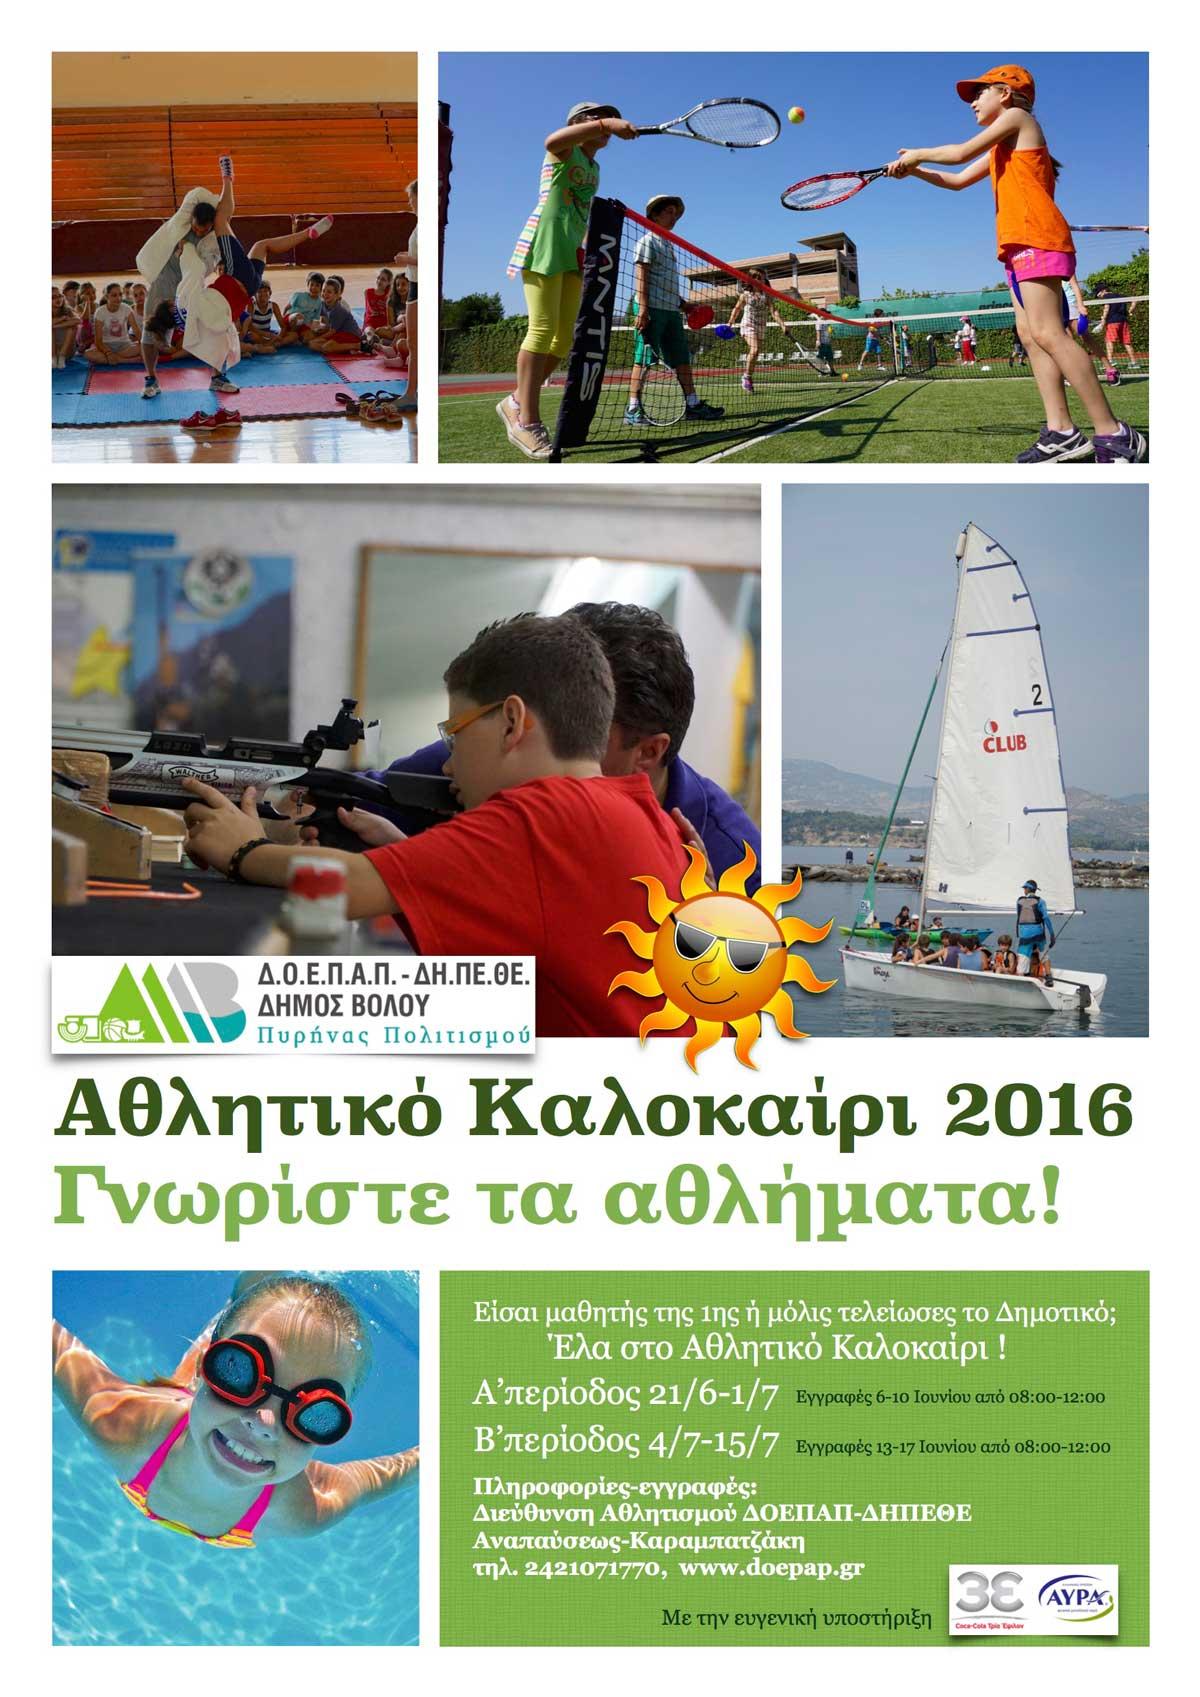 Αθλητικό-Καλοκαίρι-2016-αφίσα